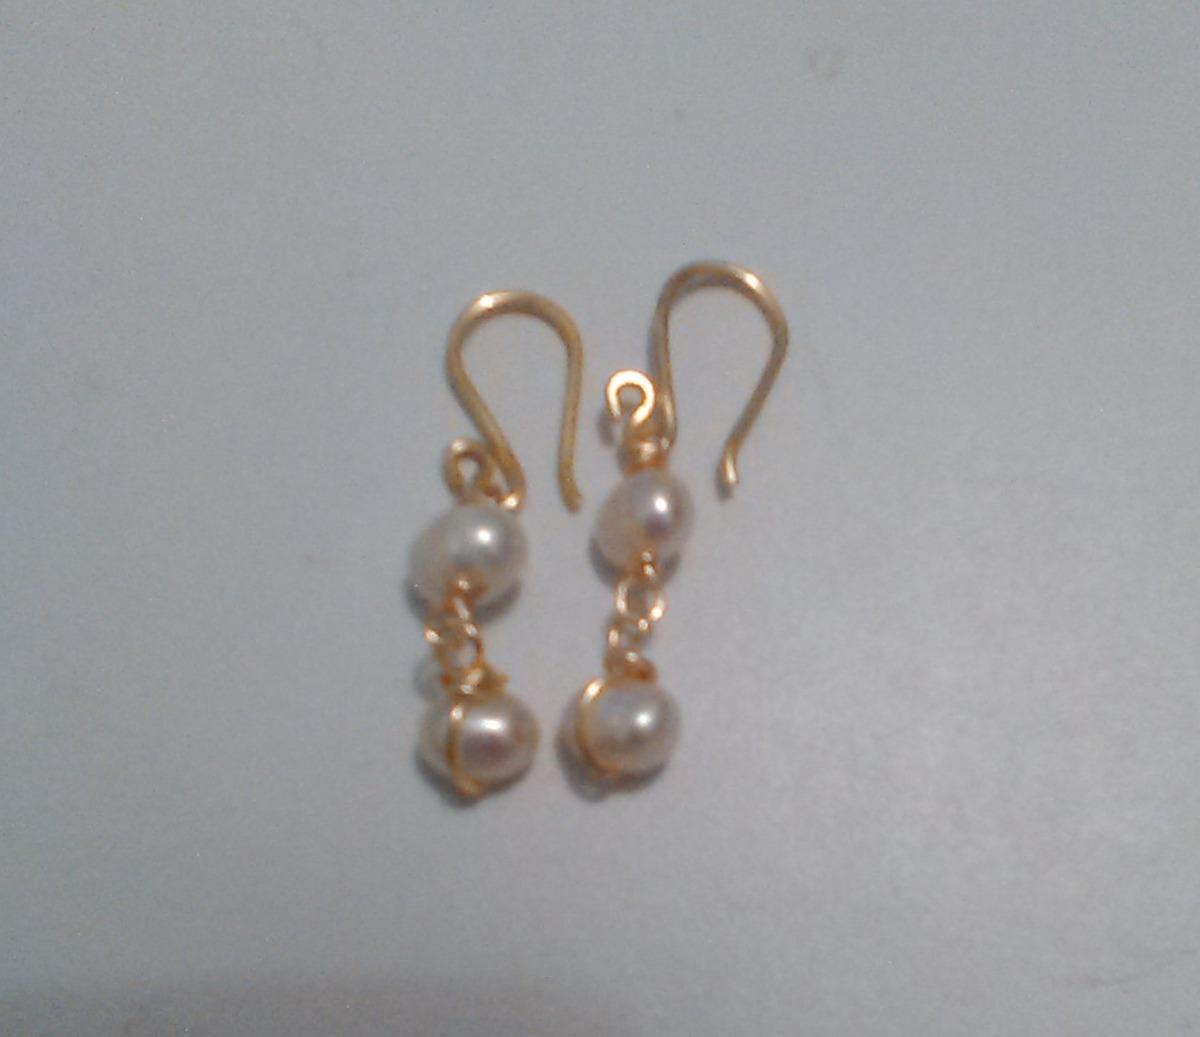 5e5c819b2e5e zarcillos perlas cultivadas. Cargando zoom.